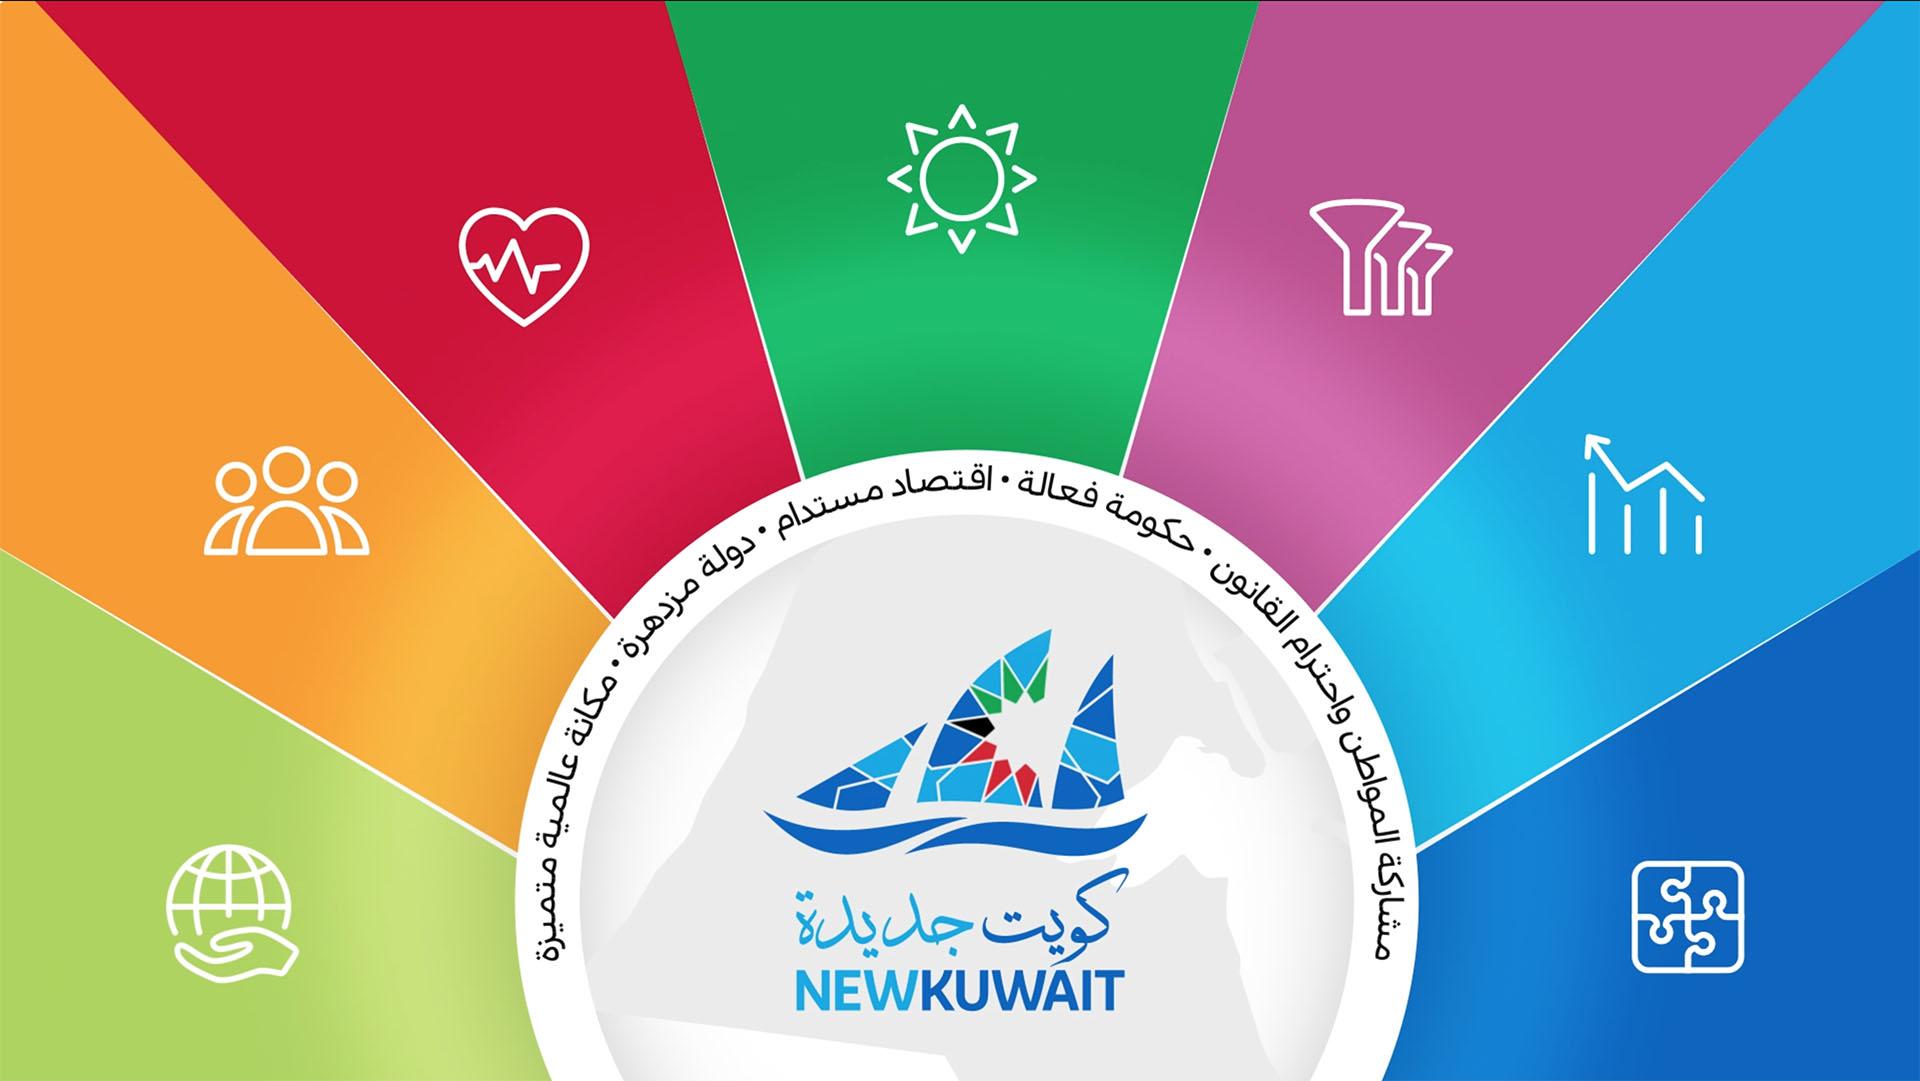 ركائز الكويت 2035 - كويت جديدة